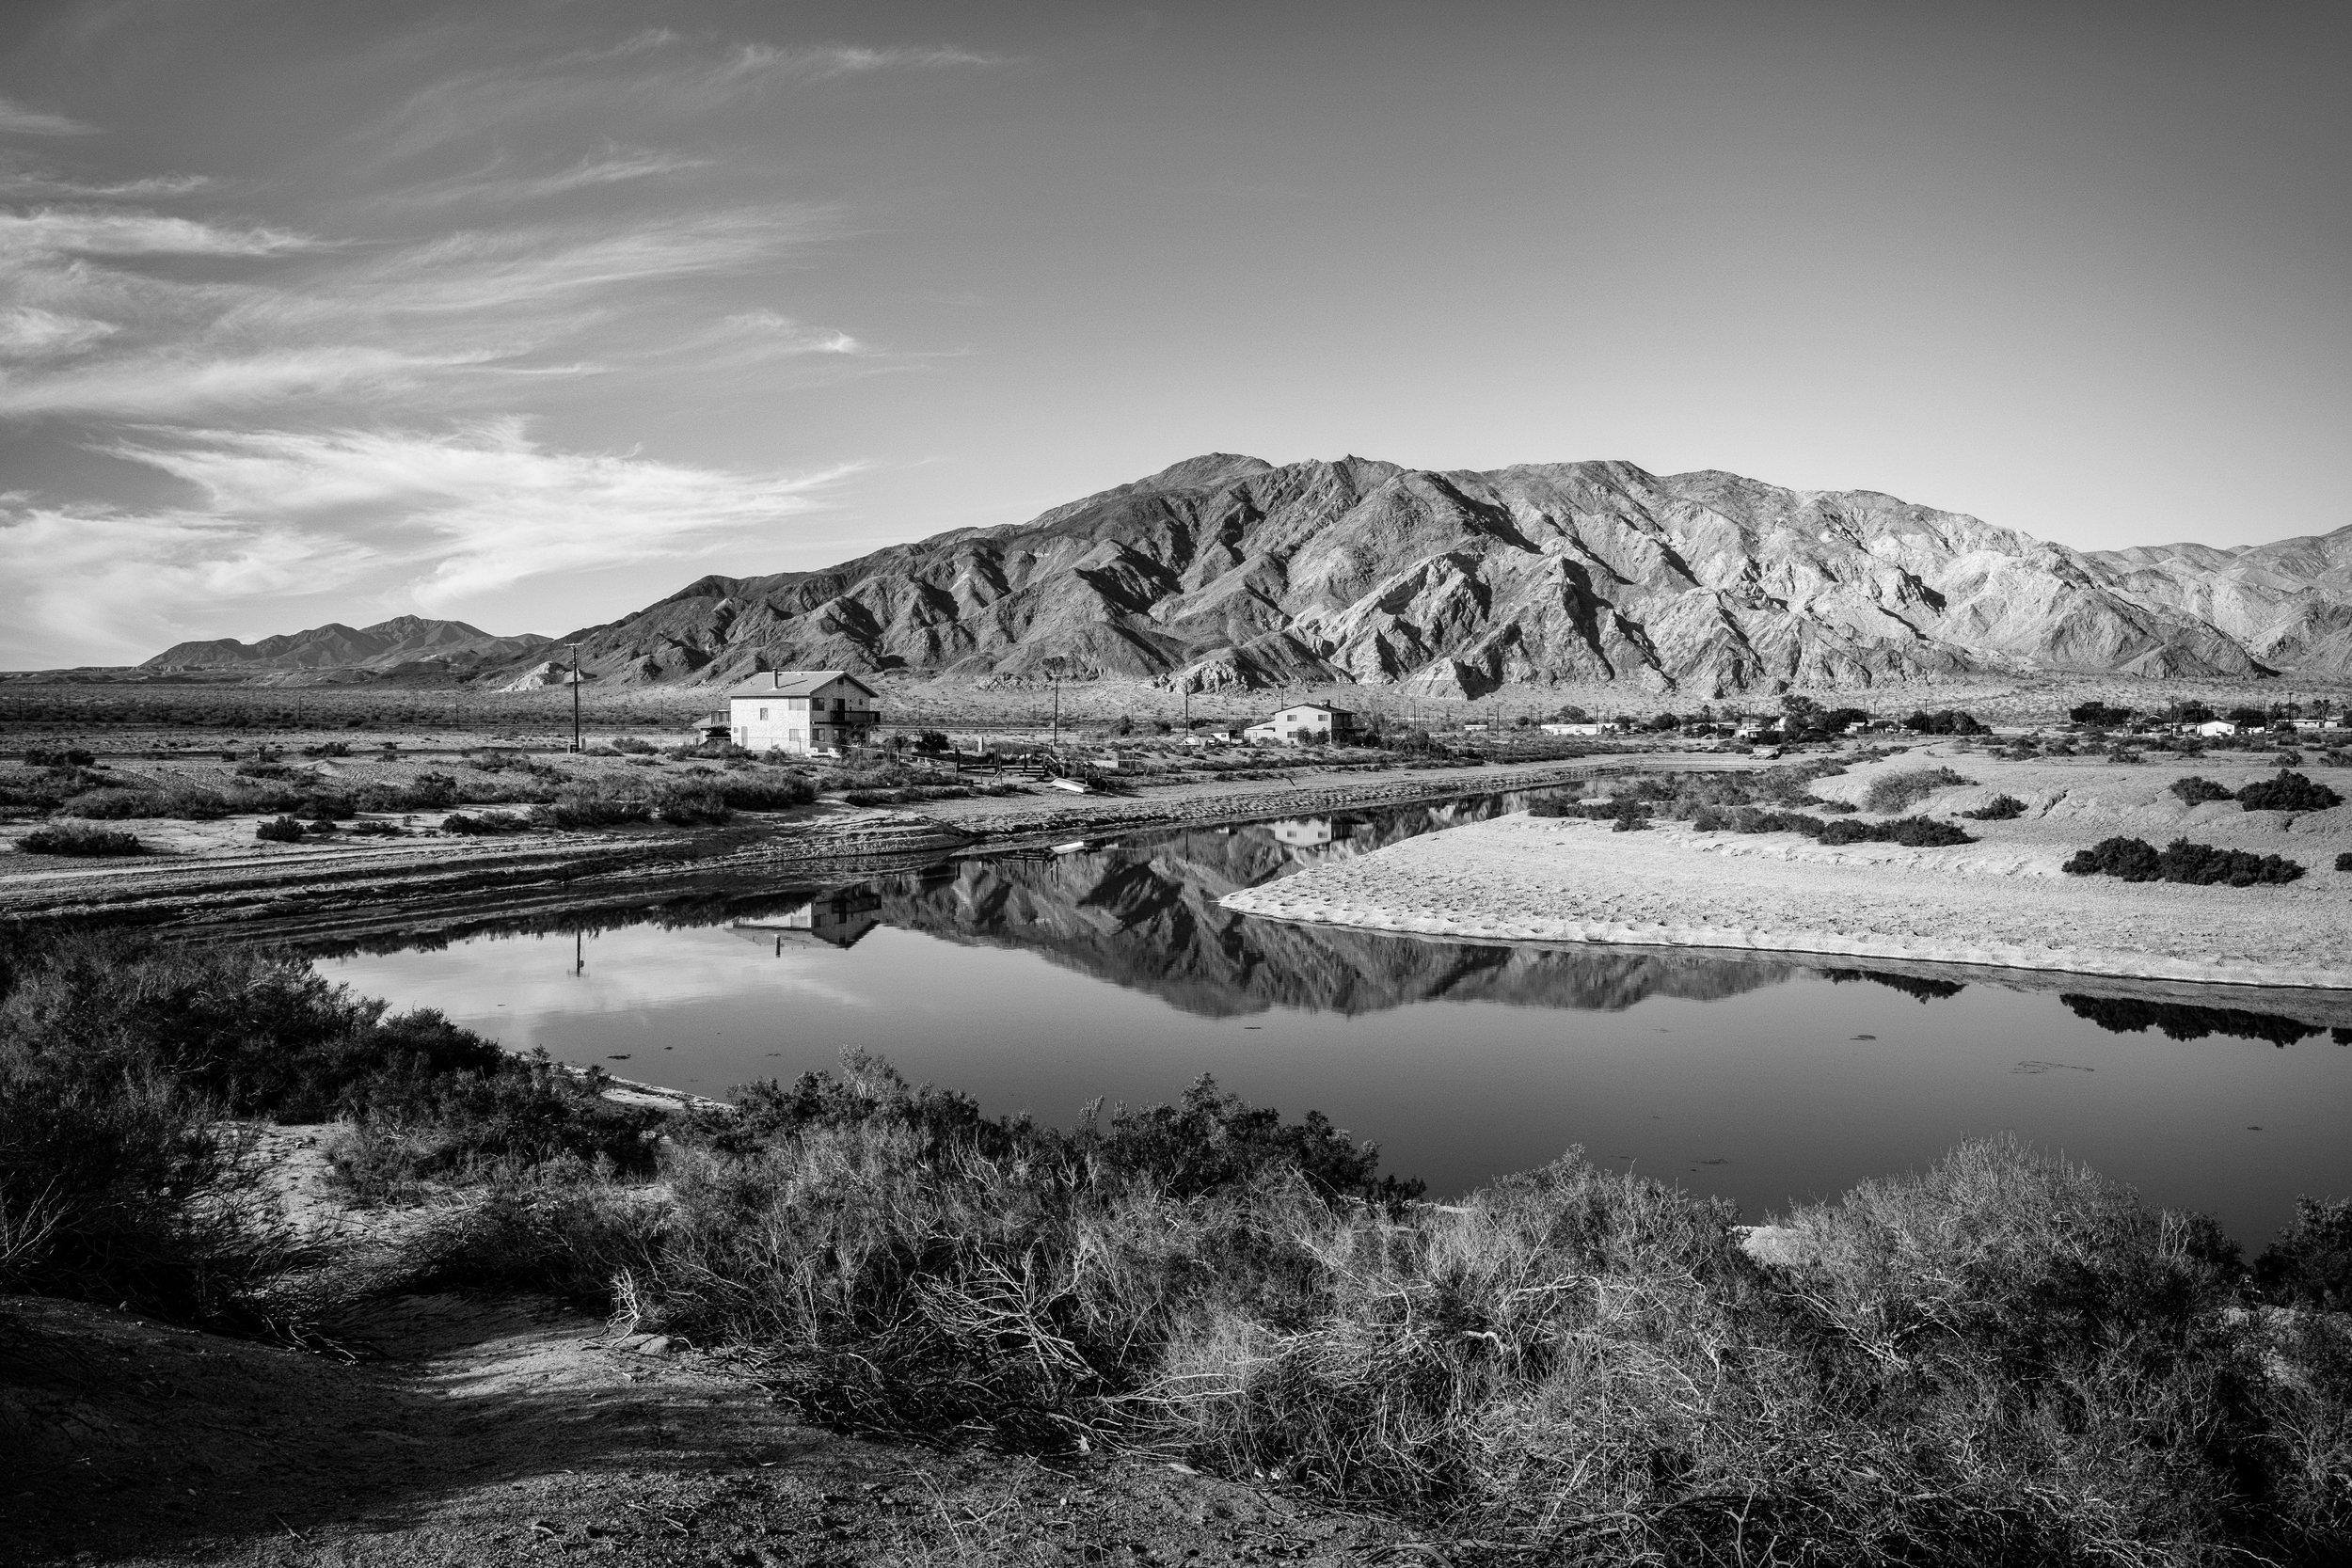 Desert Shores. 1/340 @ f8, ISO 200.